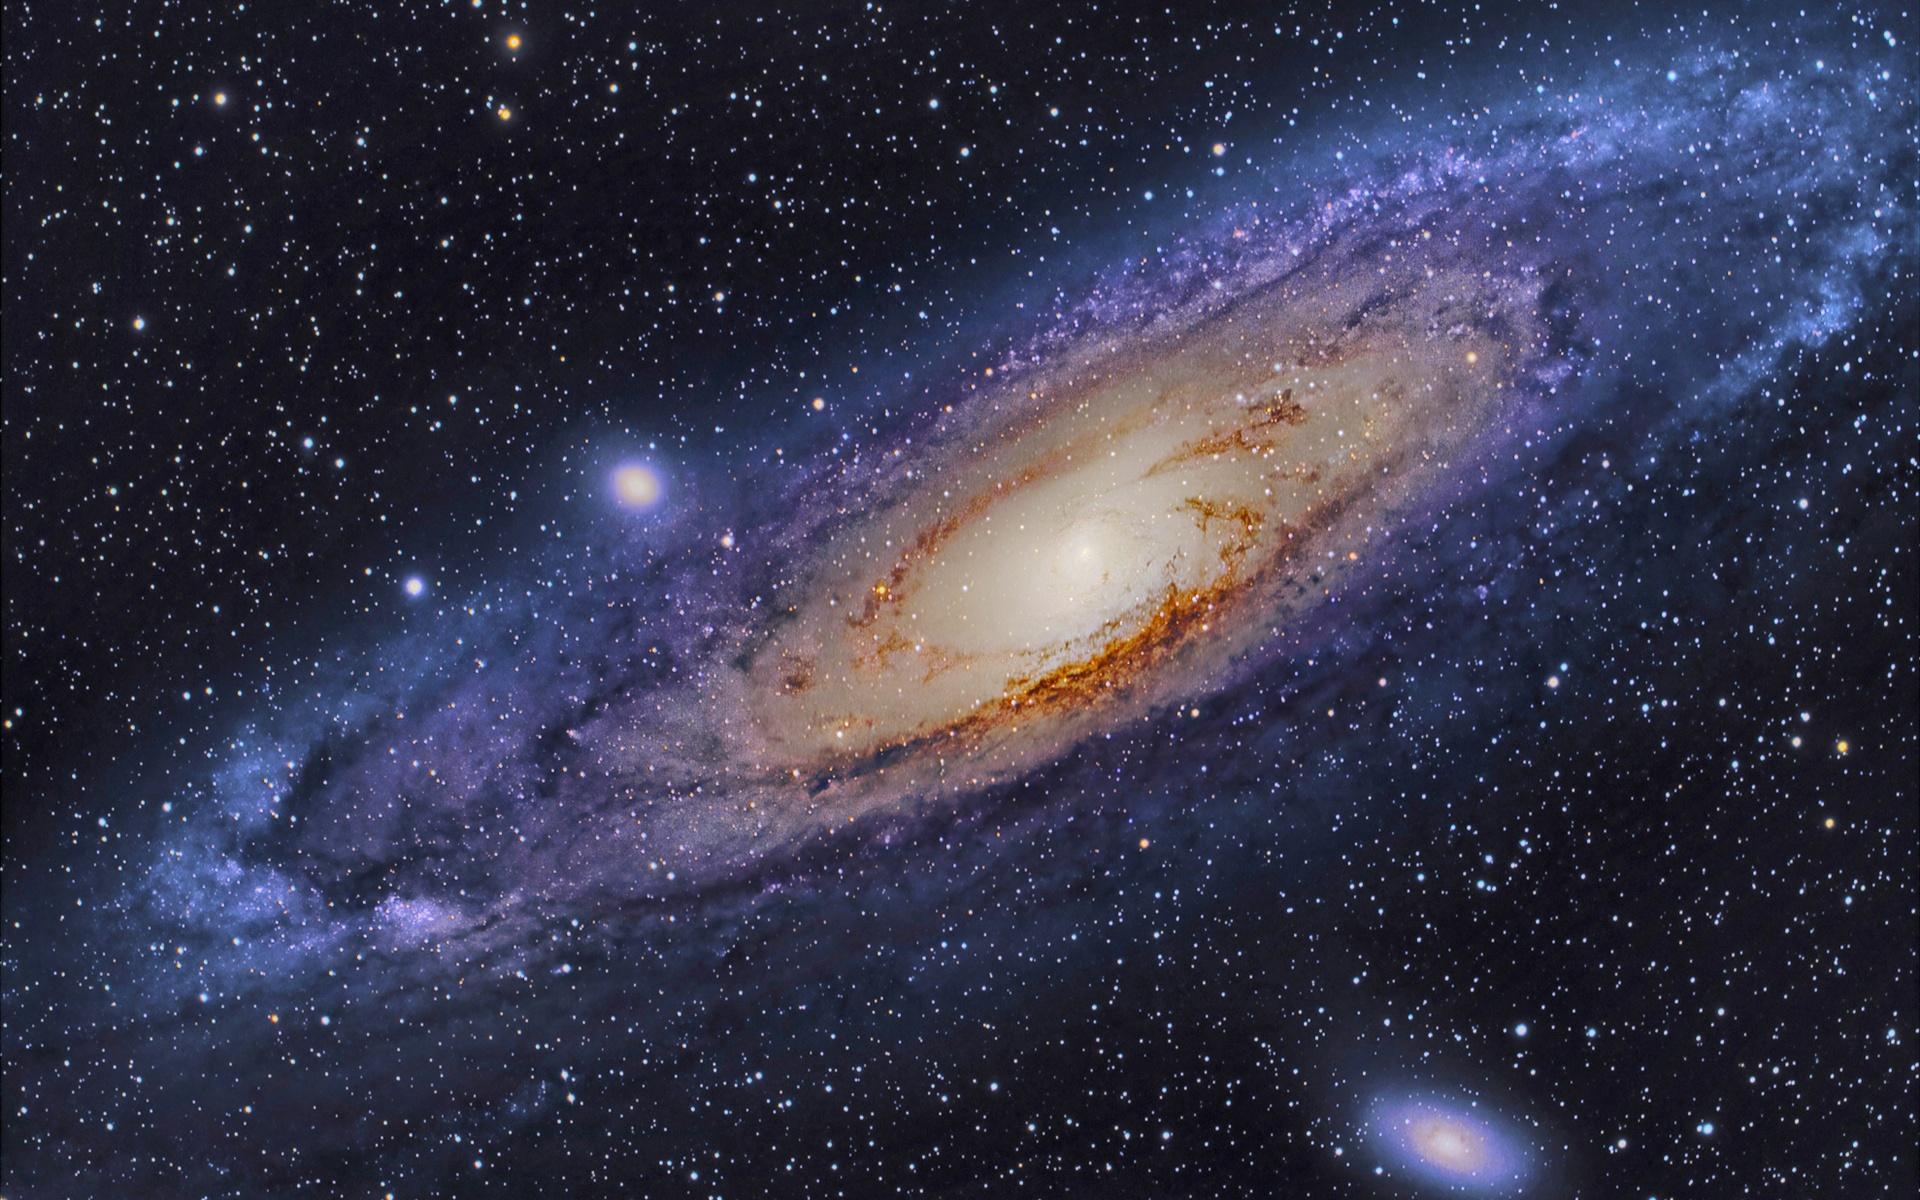 Fonds d'écran Galaxy Andromeda, étoiles, espace 1920x1200 HD image